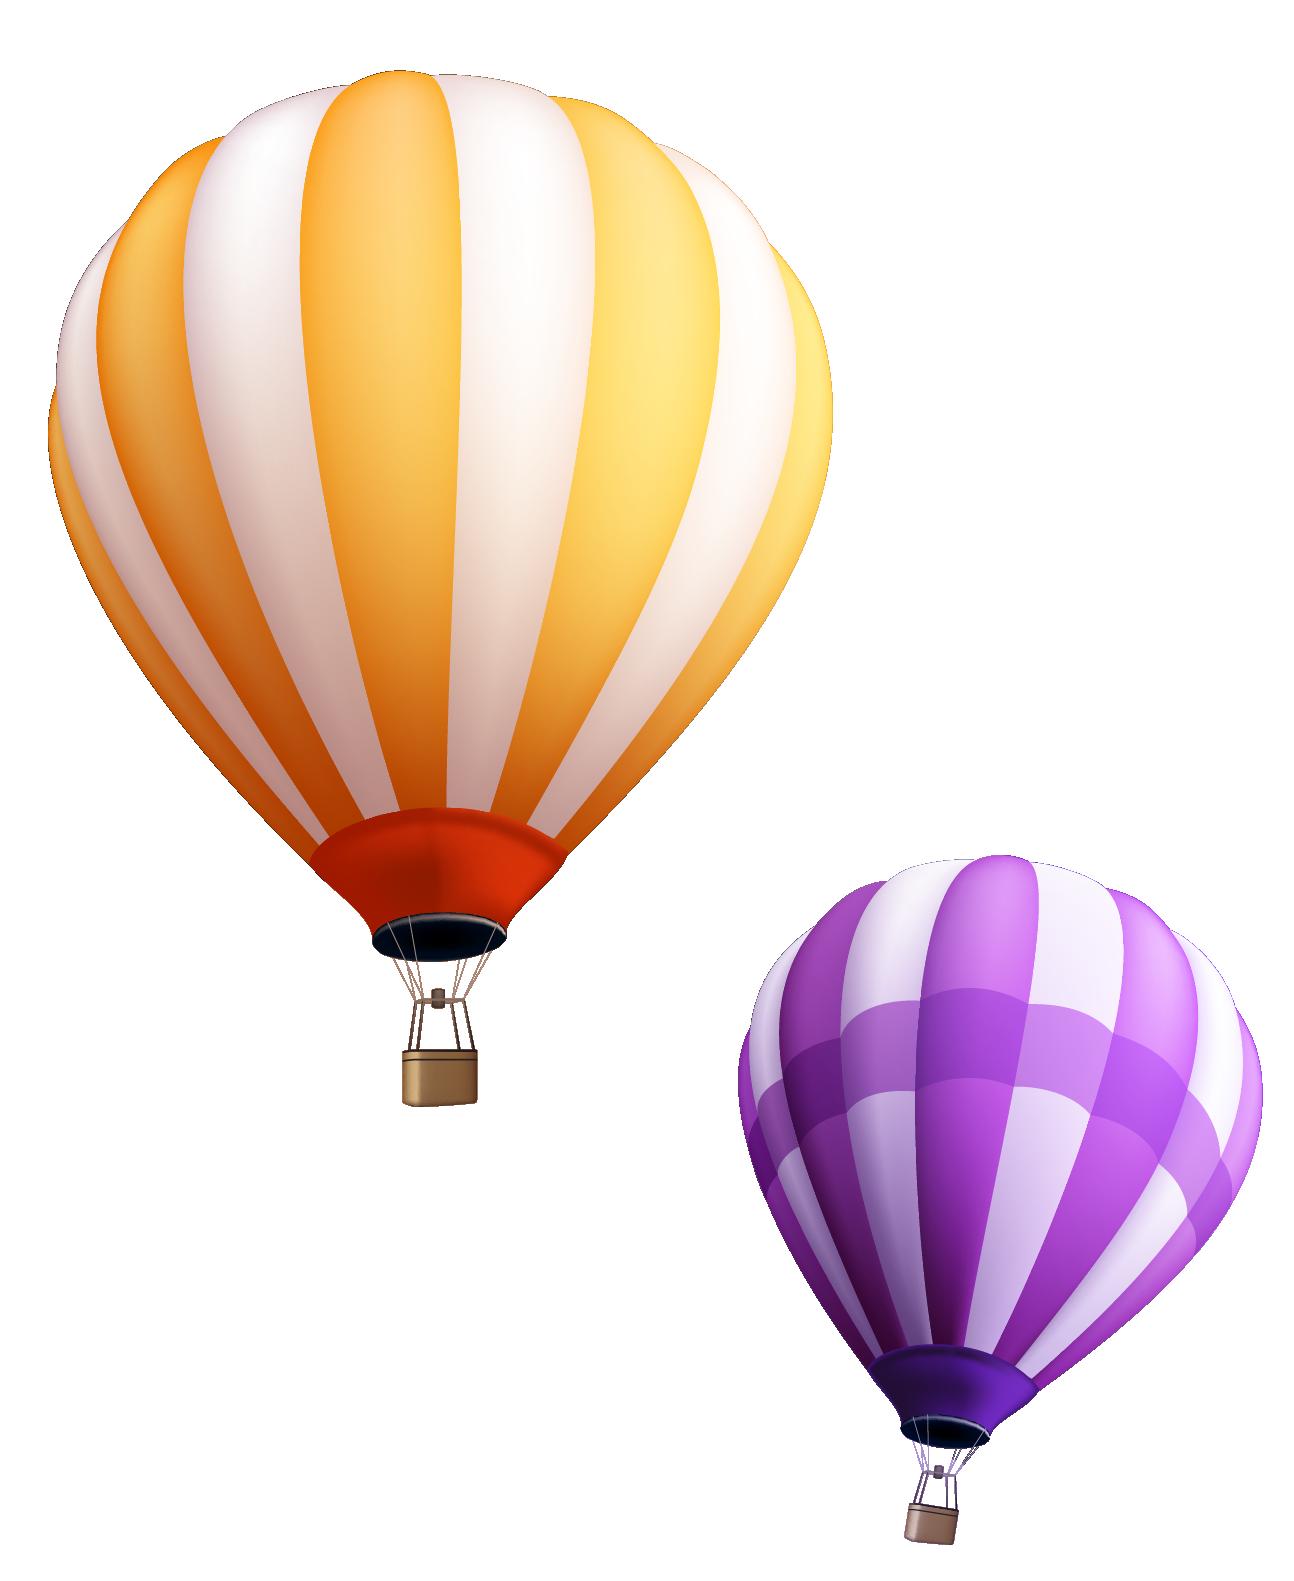 clip art stock Ballon vector. Hot air balloon material.